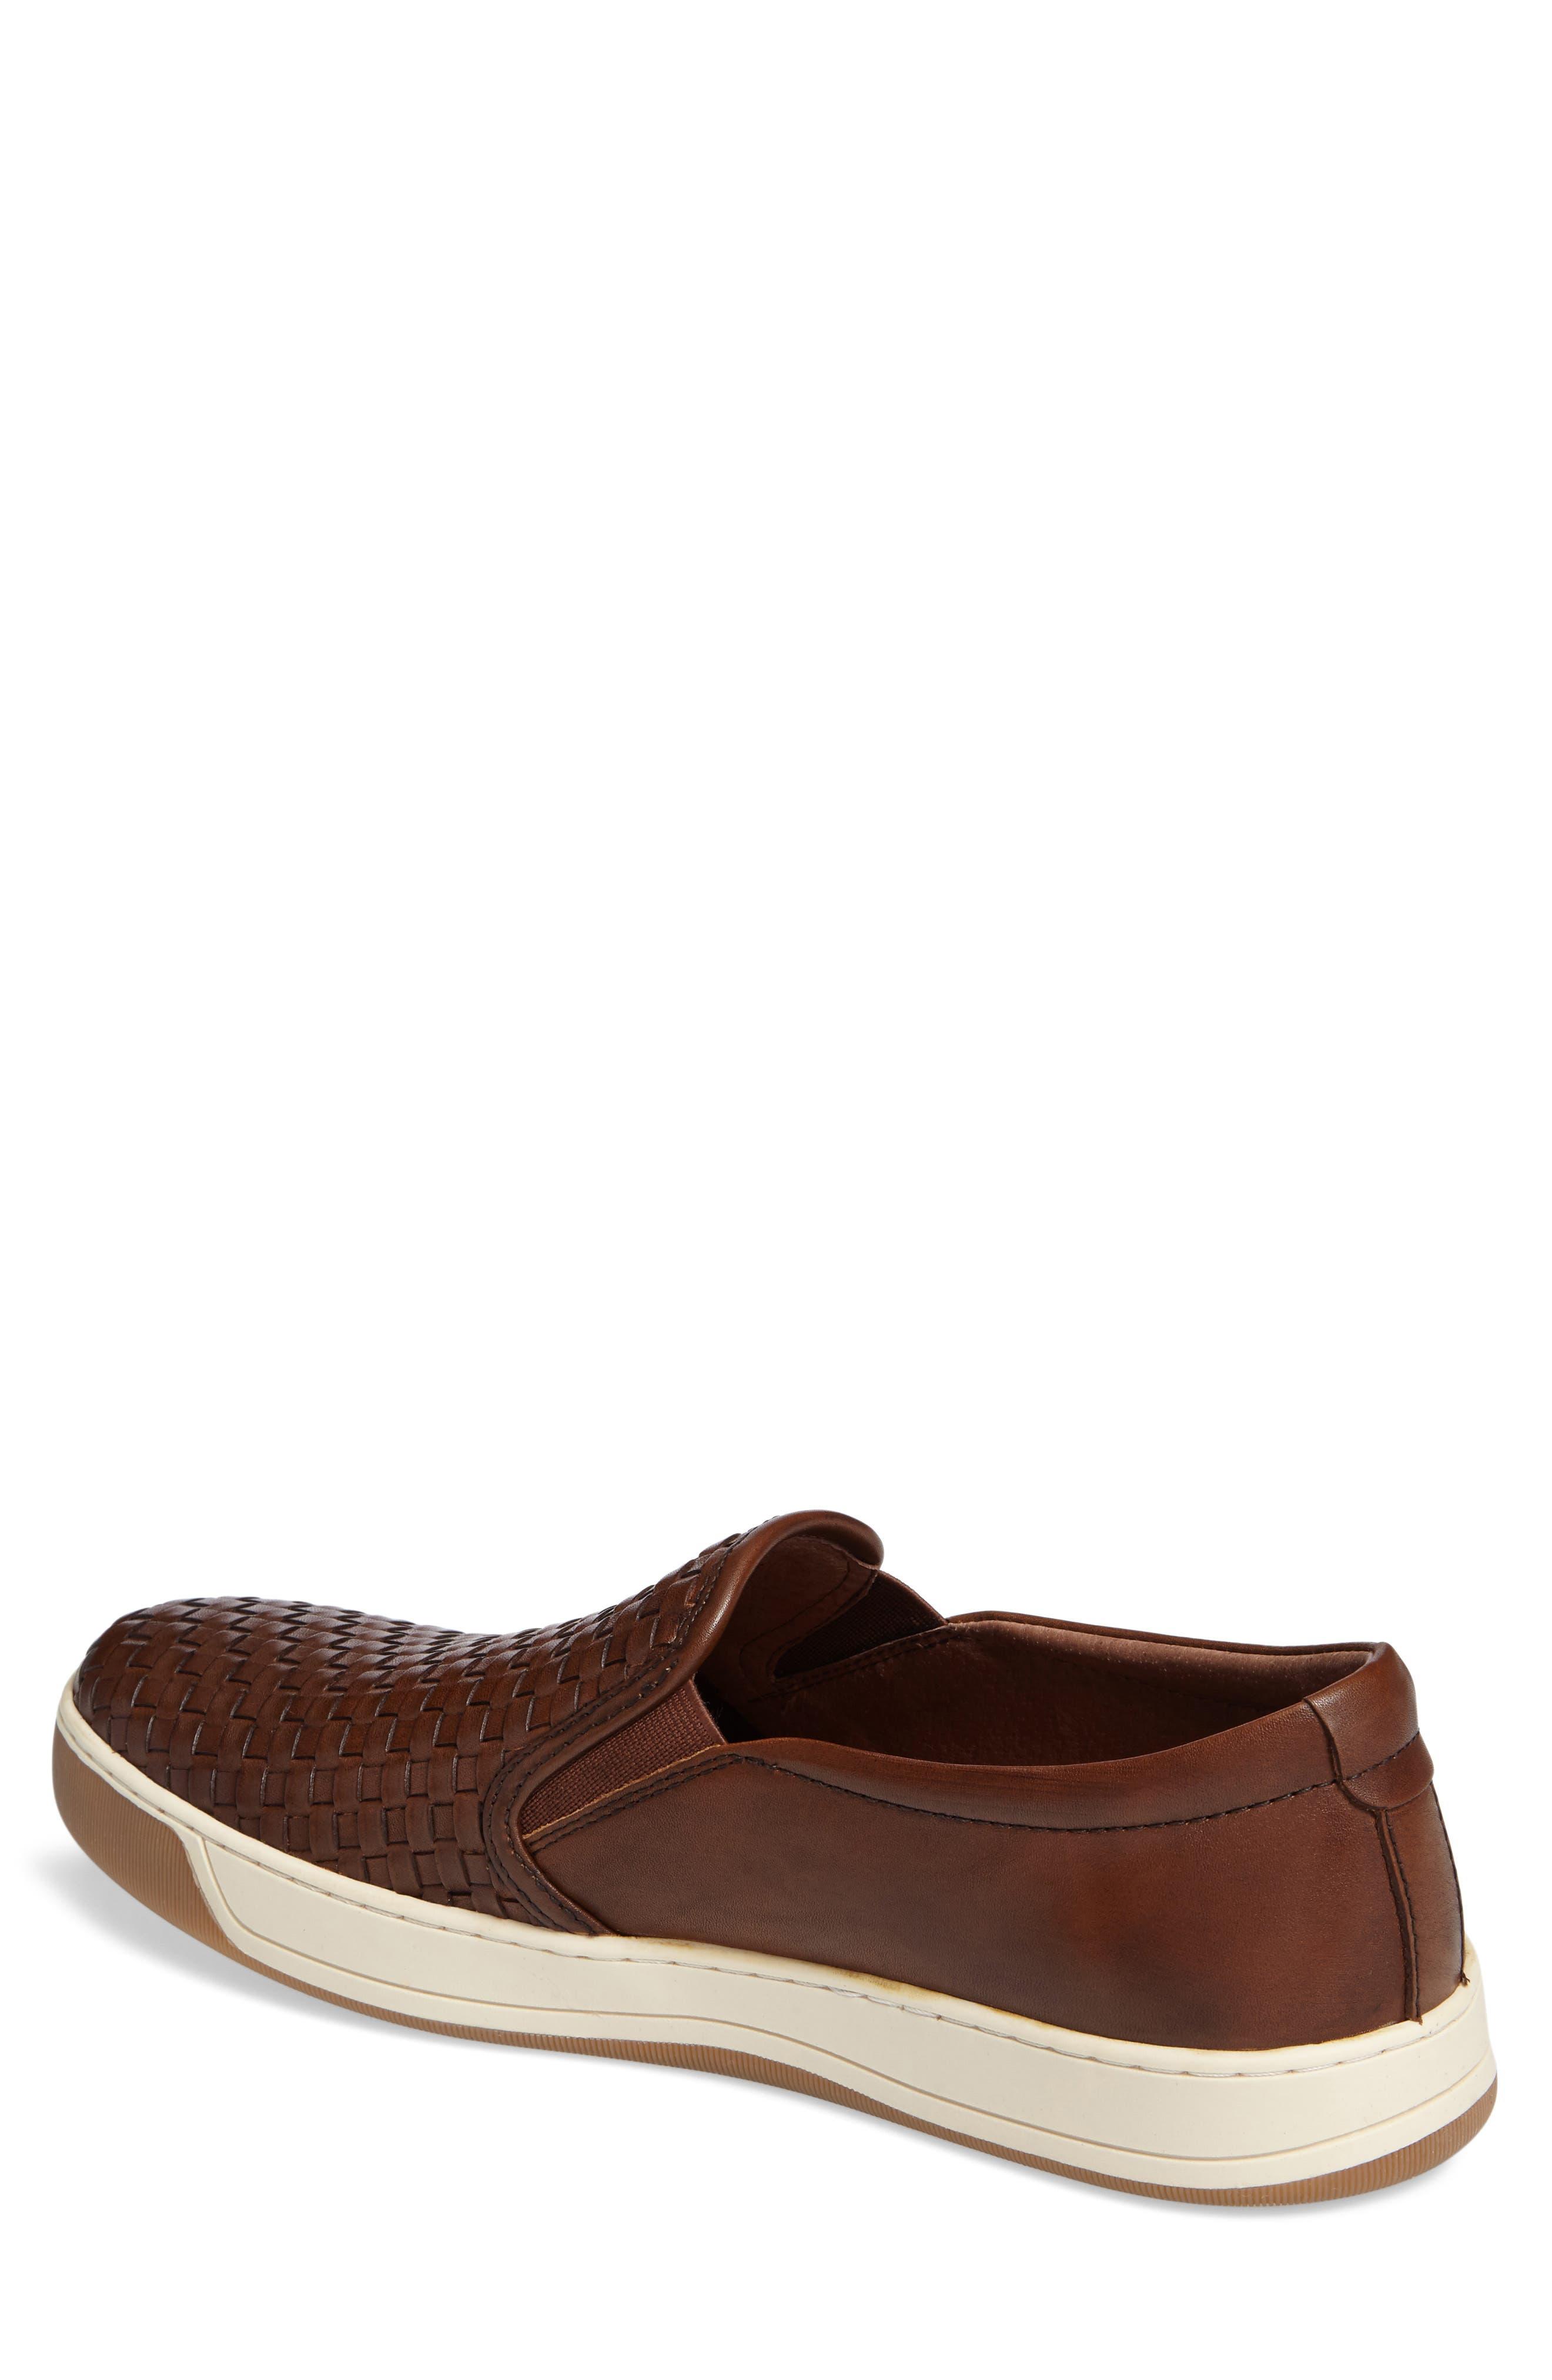 J&M 1850, Allister Slip-On Sneaker, Alternate thumbnail 2, color, TAN LEATHER